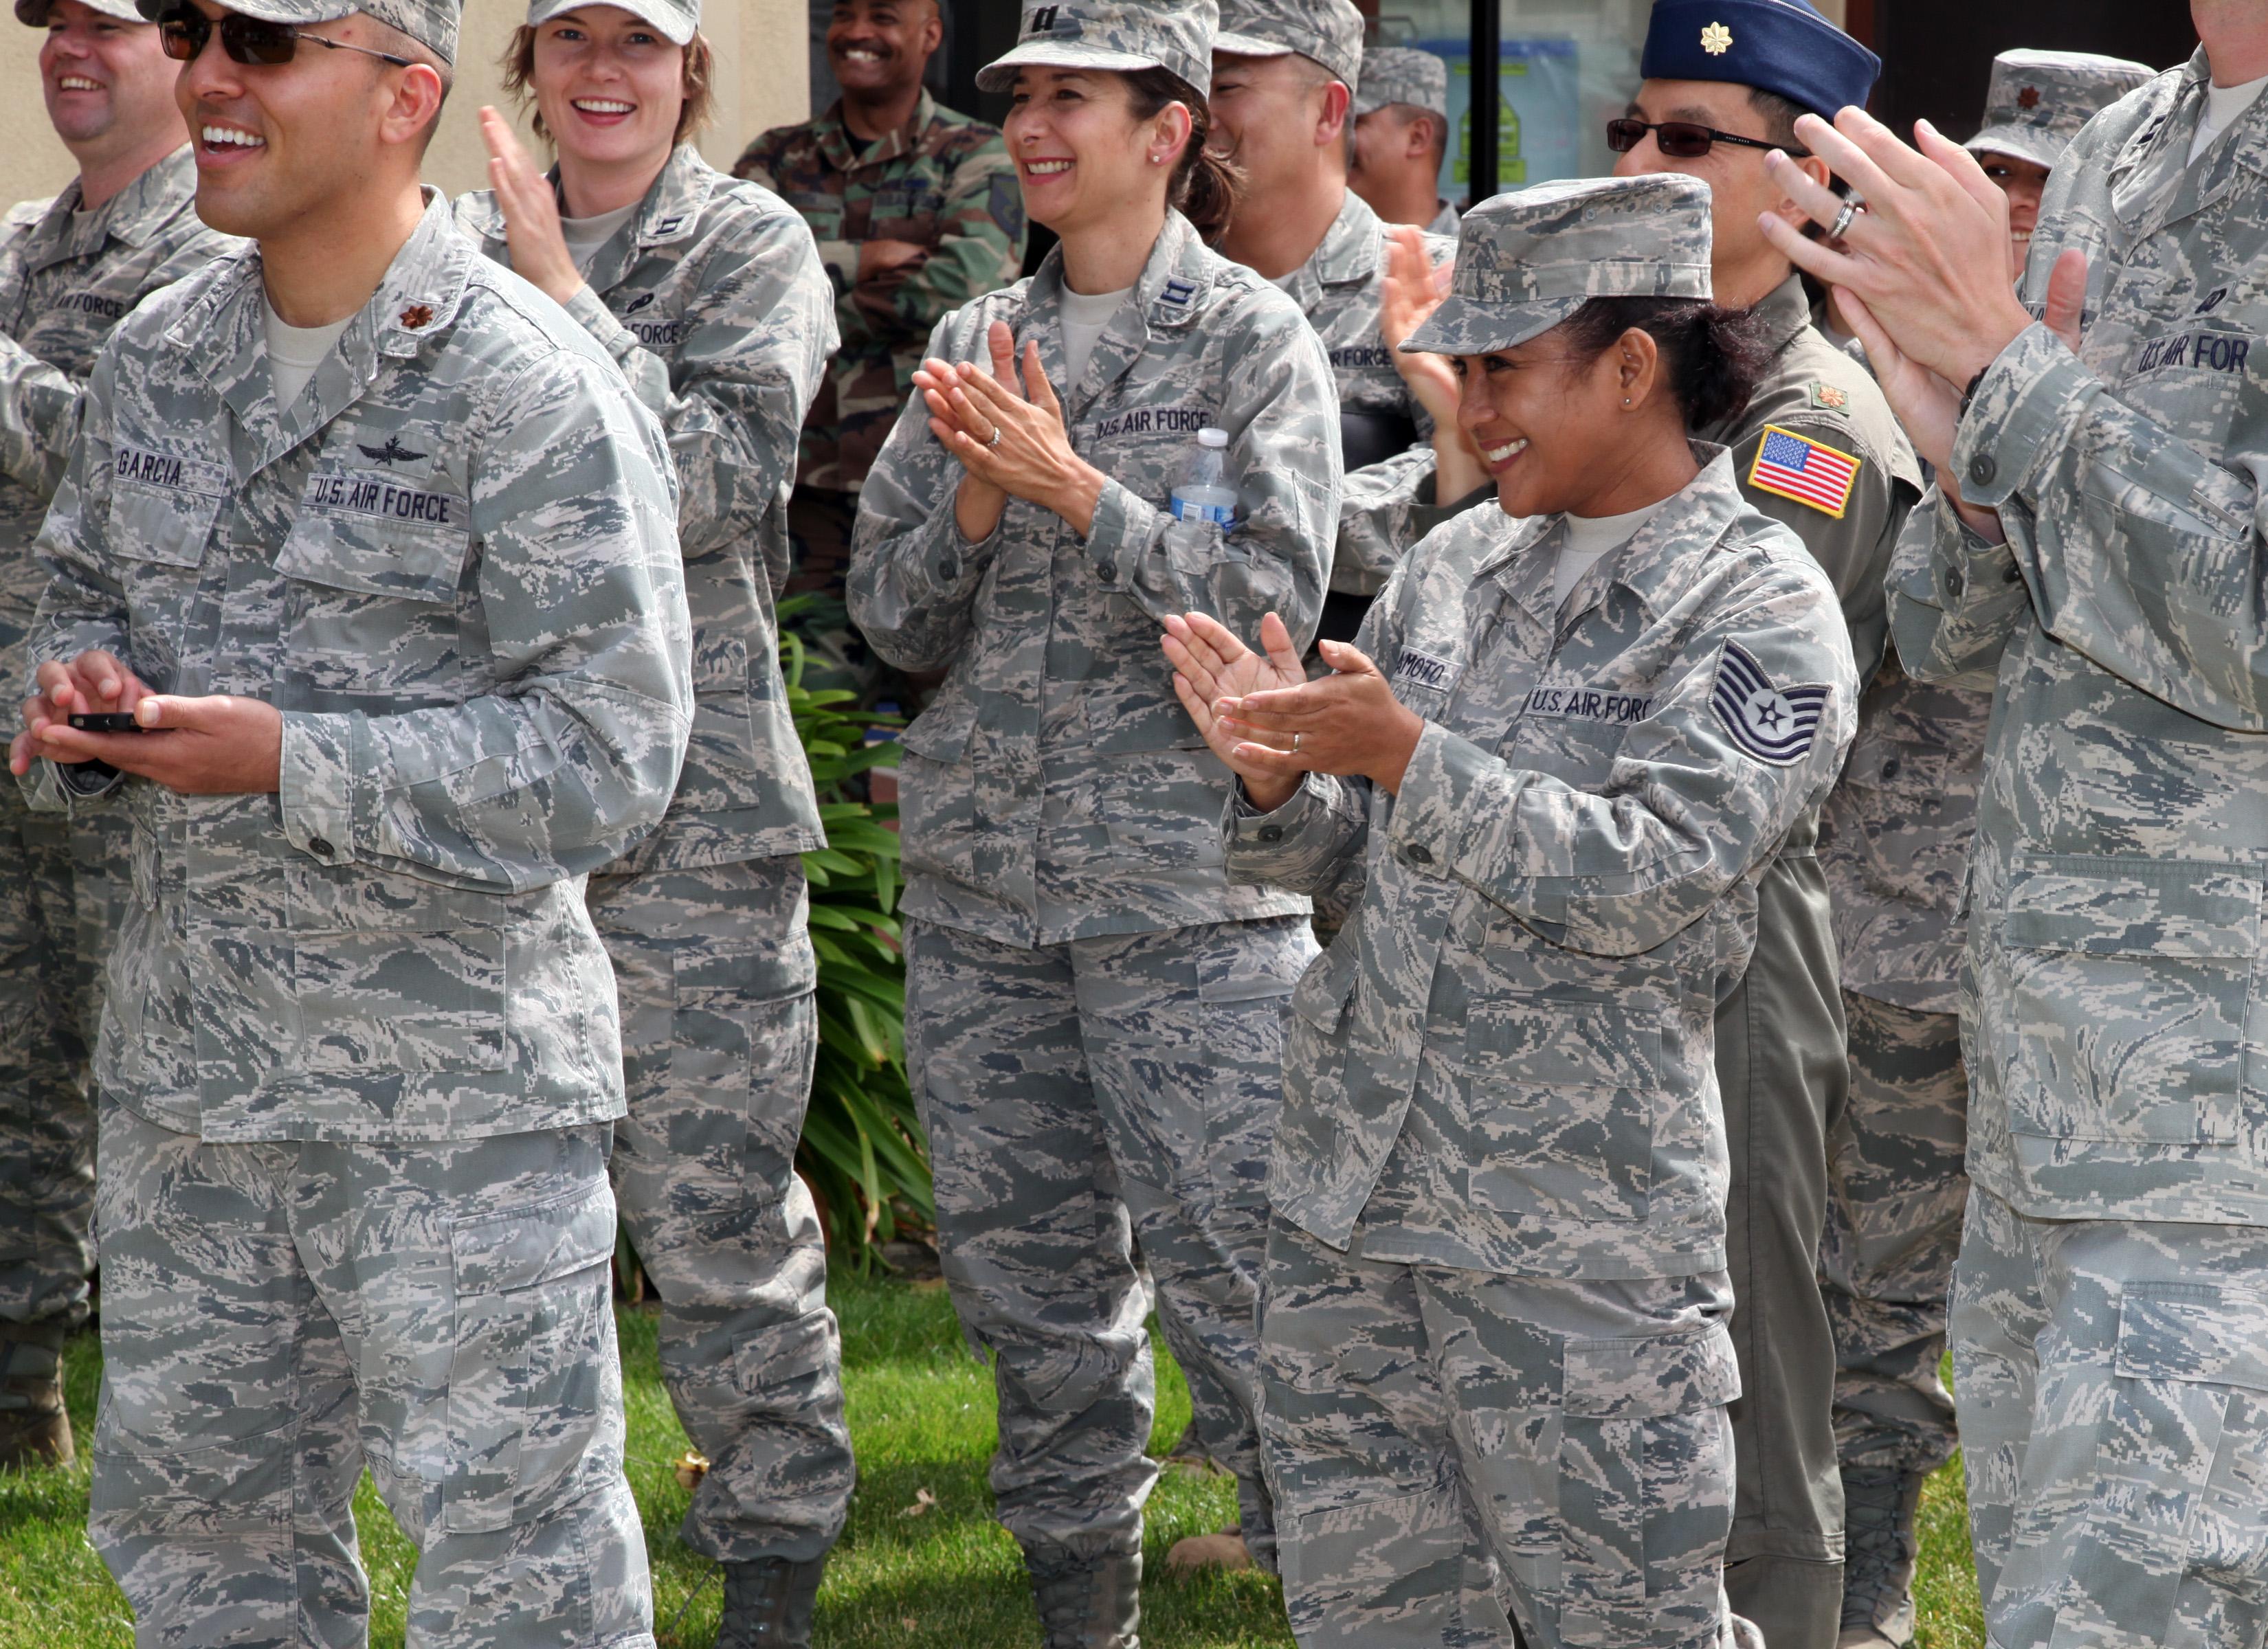 hình ảnh : những người, quân đội, lính, chuyên nghiệp, Vỗ tay, vui mừng, 365, Travisairforcebase, Quân đội, phi công, Travis, Thủy quân lục chiến, cán bộ, ...